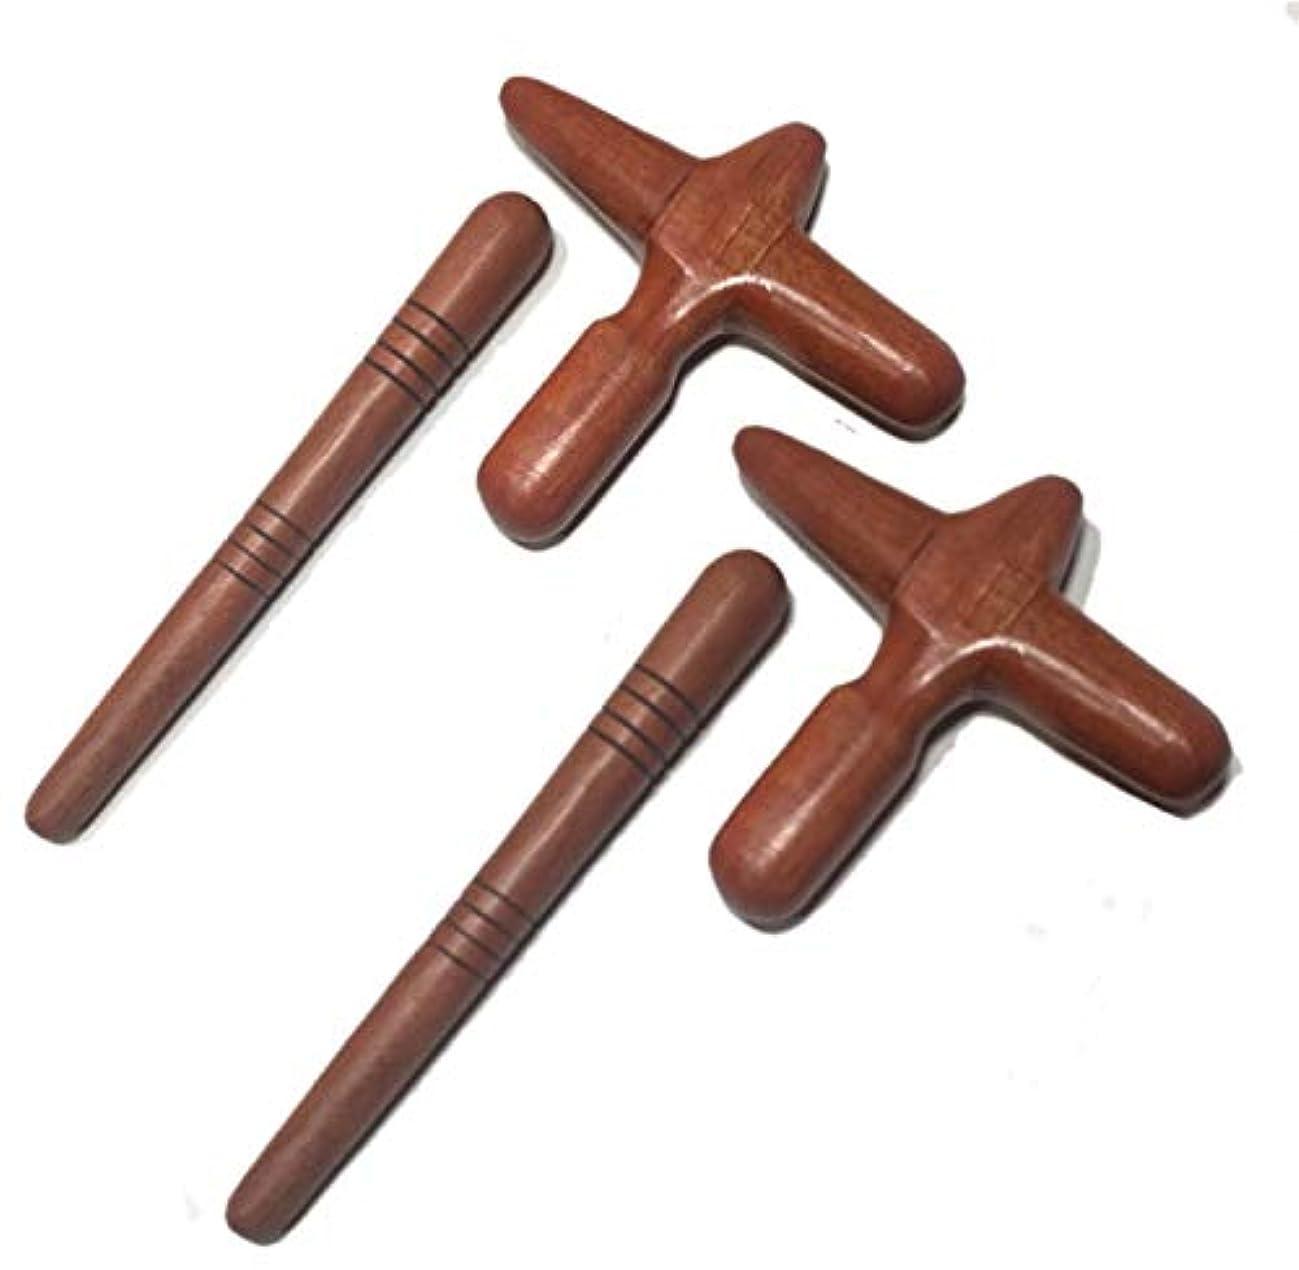 煙突プロテスタントバイパス木製 ツボ押し棒 2種類×2セット マッサージ棒 フットマッサージ (2)